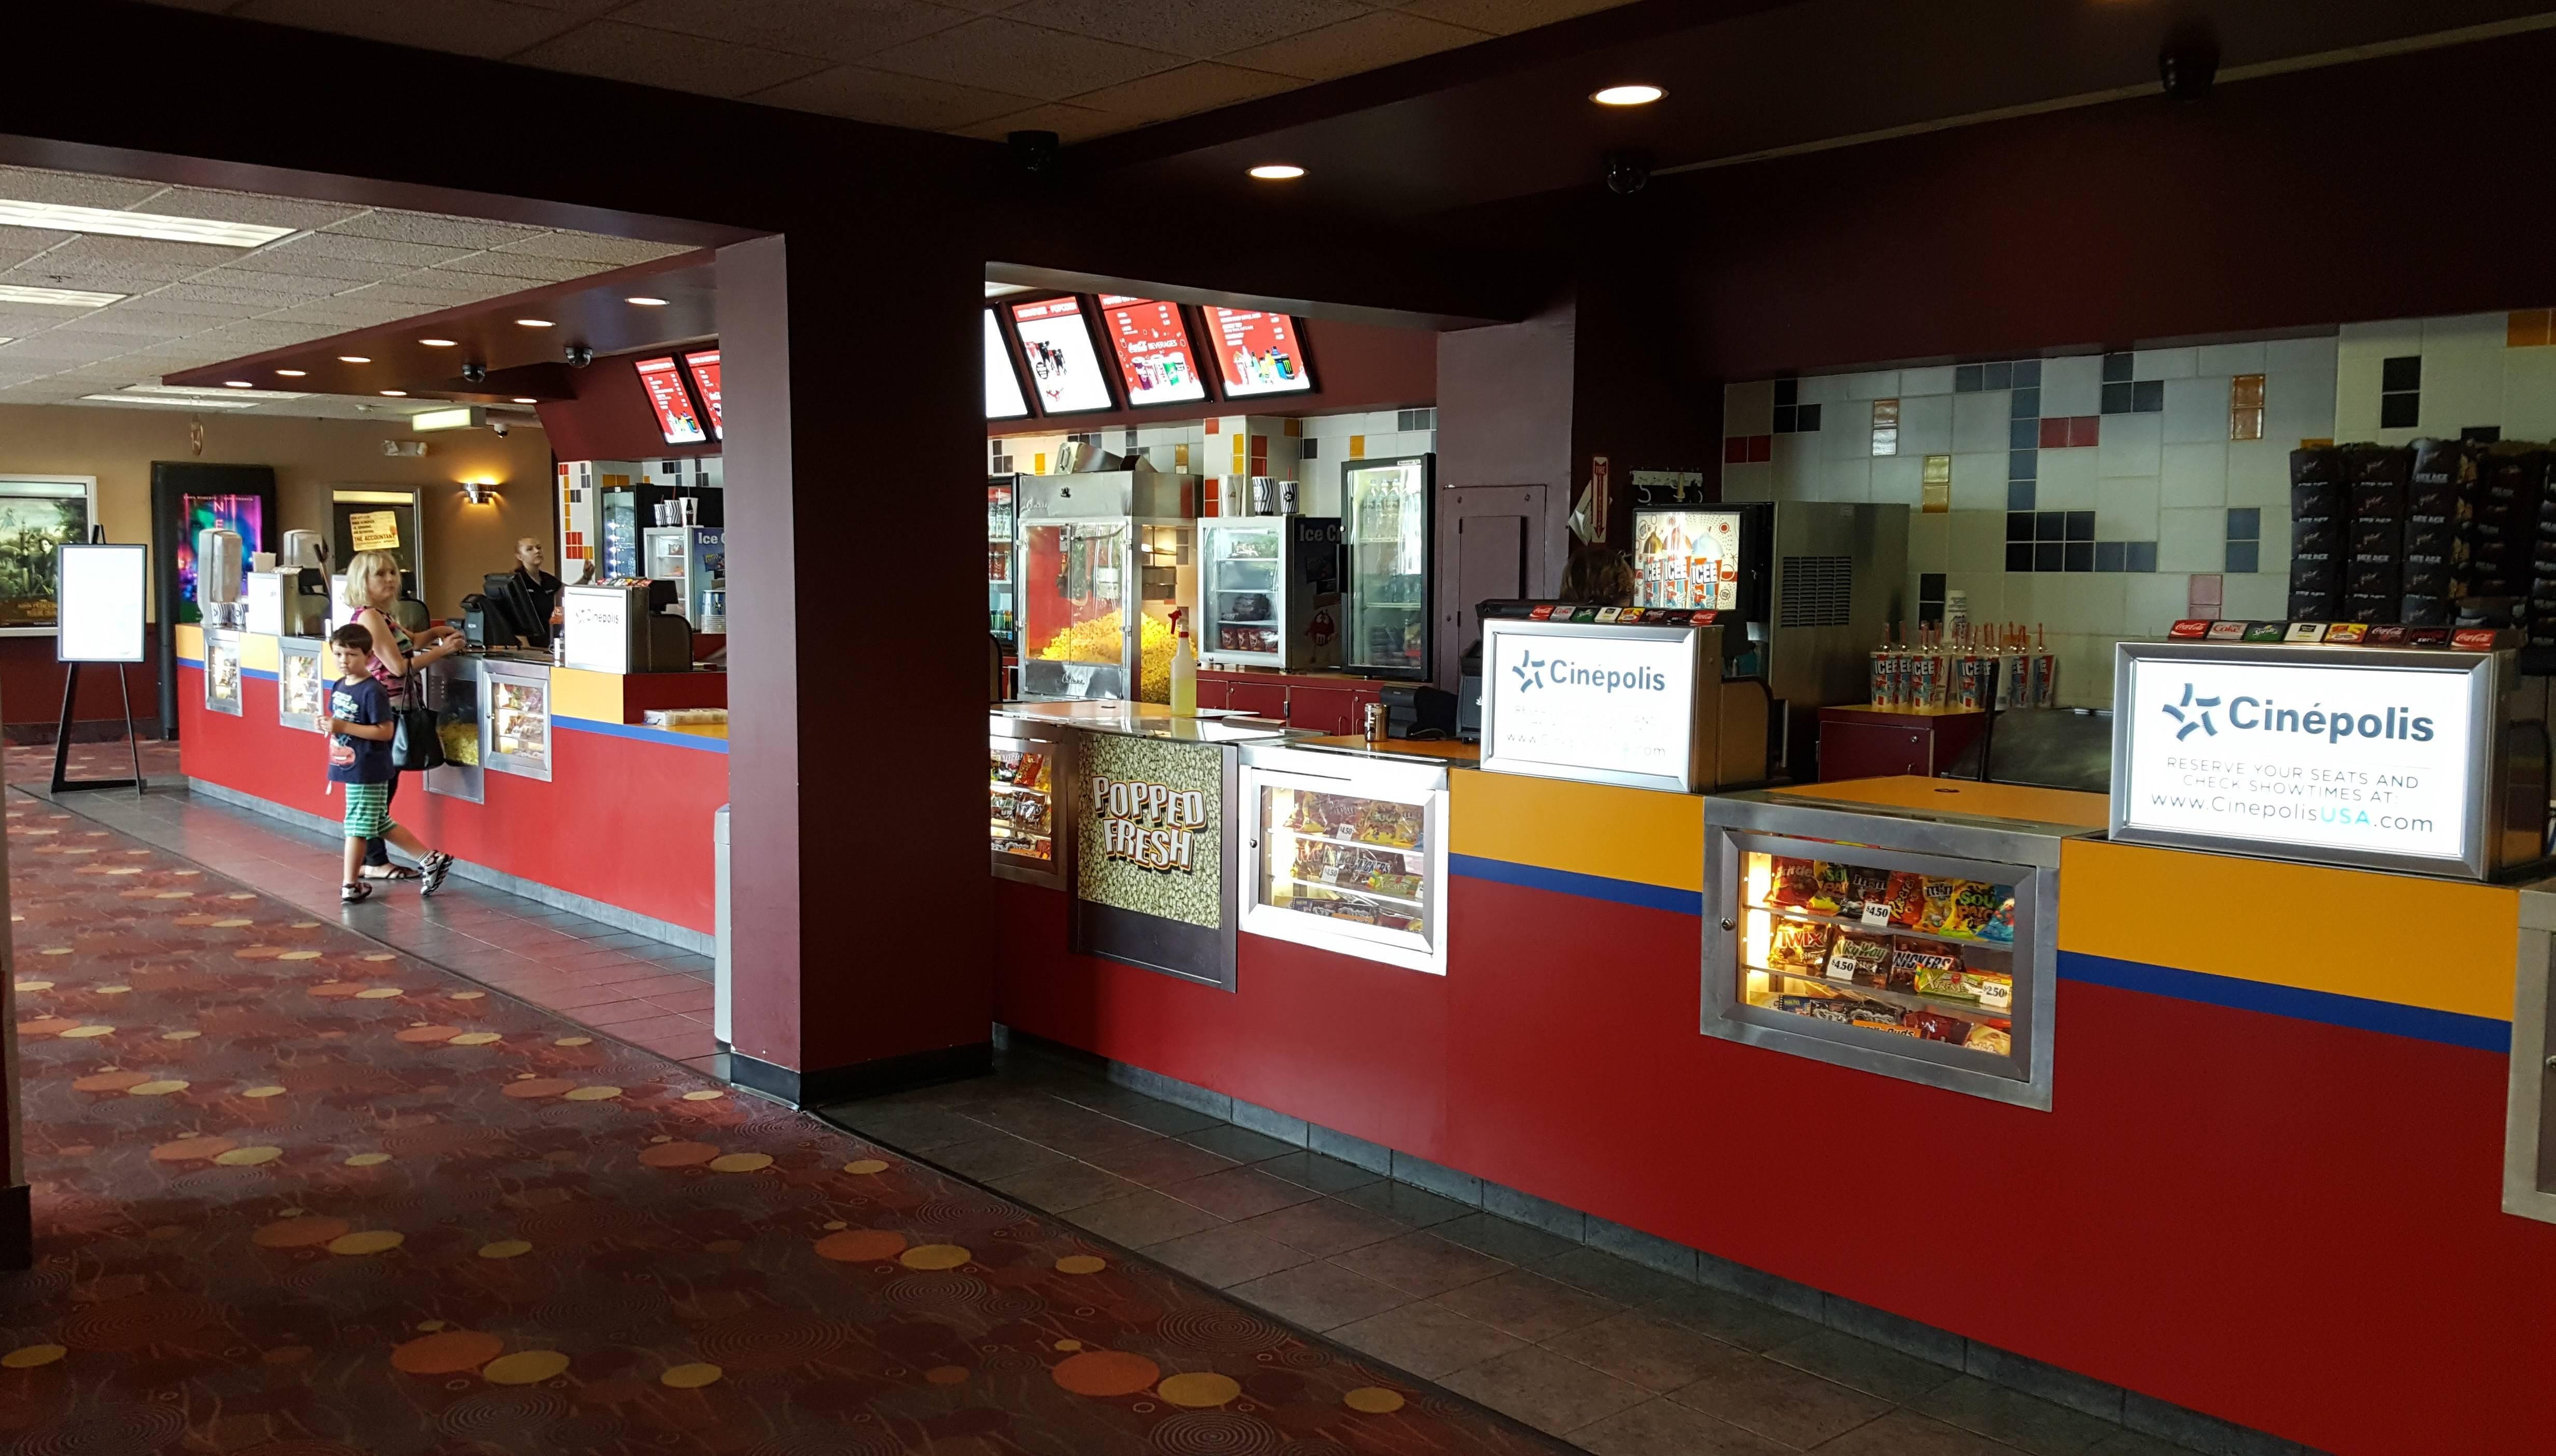 Clearview cinemas roxbury nj movie times : Hp series pp2090 drivers